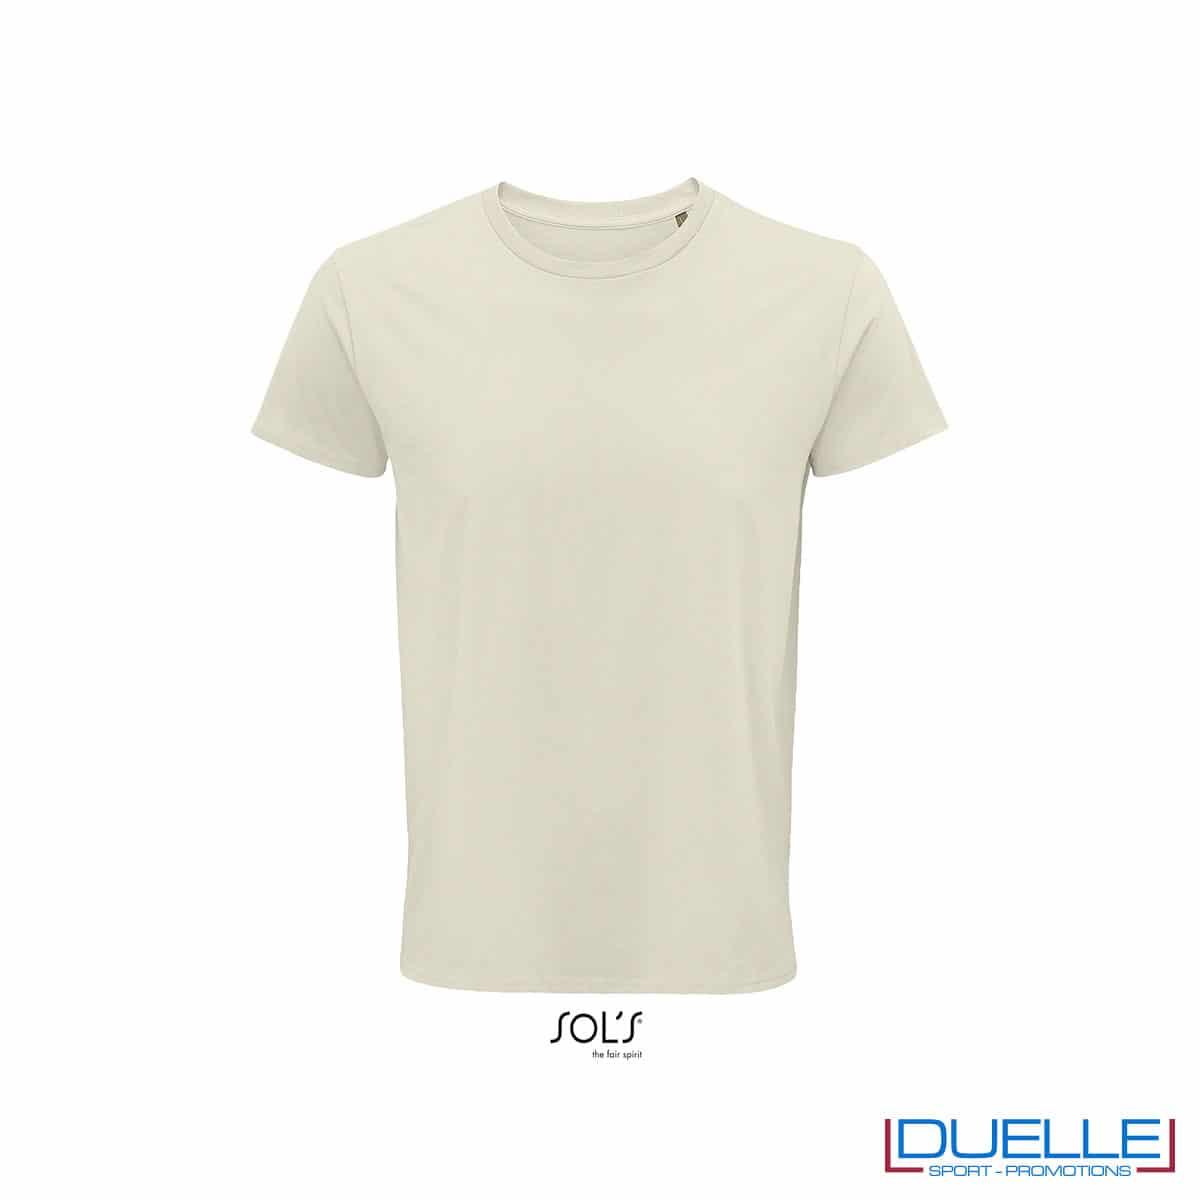 Maglietta ecosostenibile cotone biologico personalizzata colore naturale